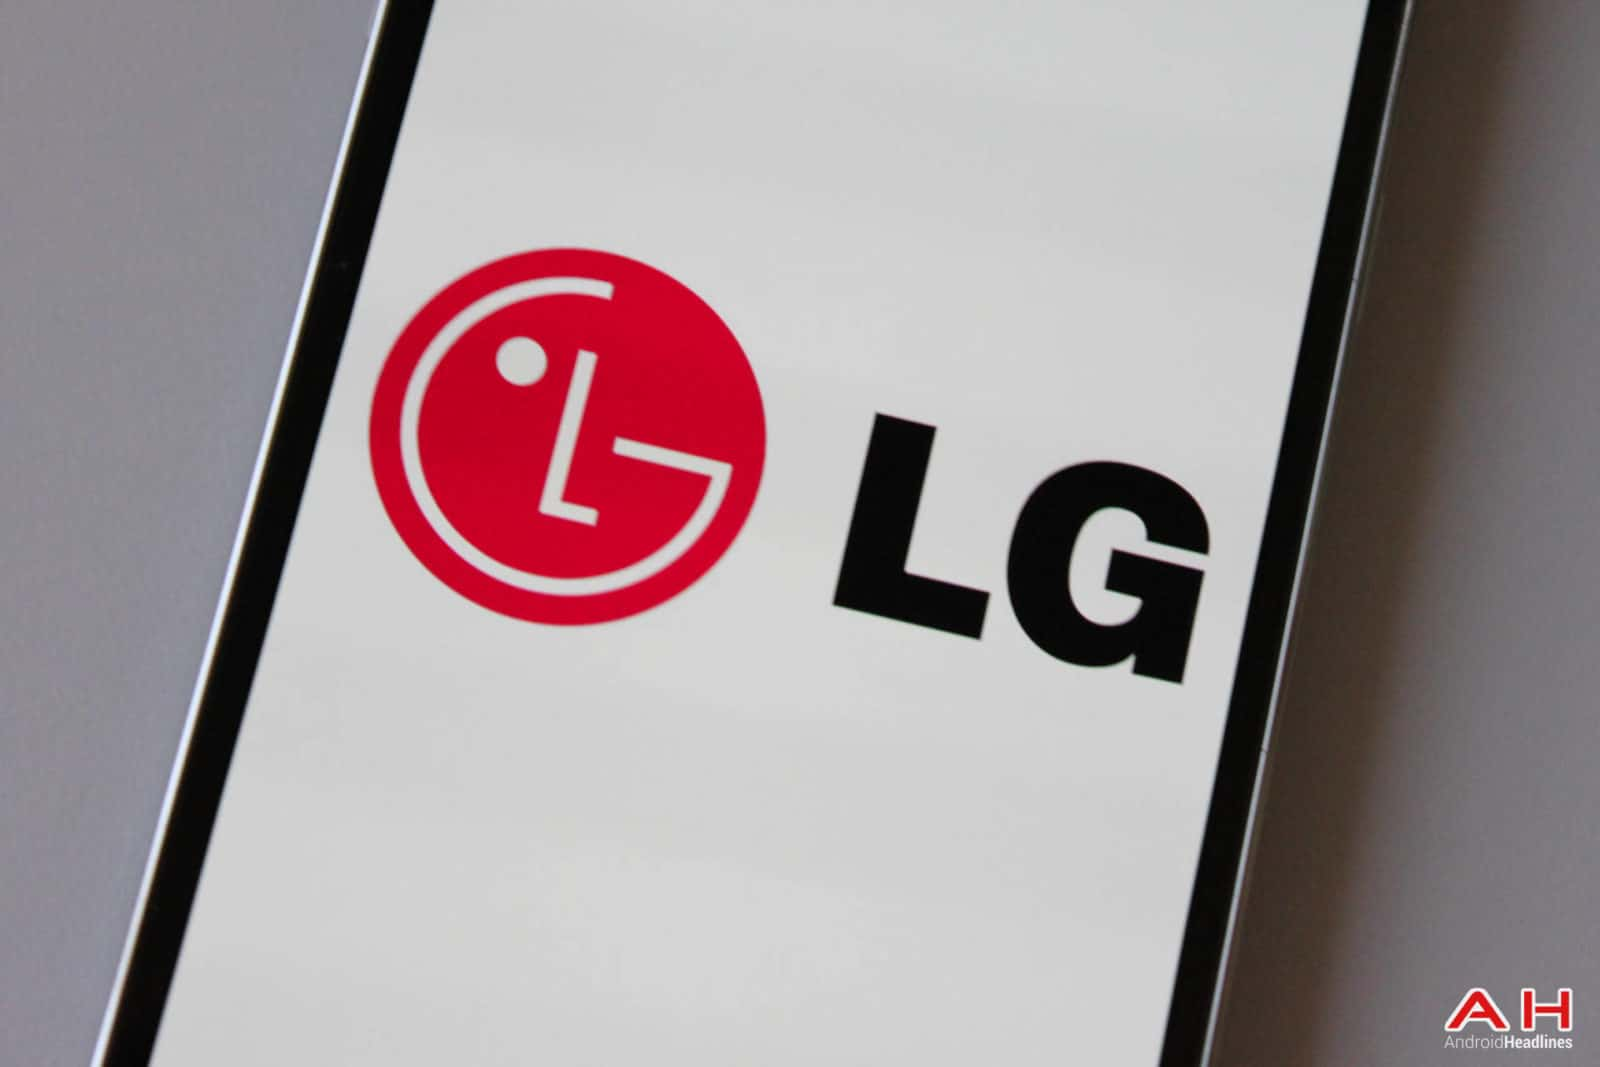 AH LG Logo 1.0